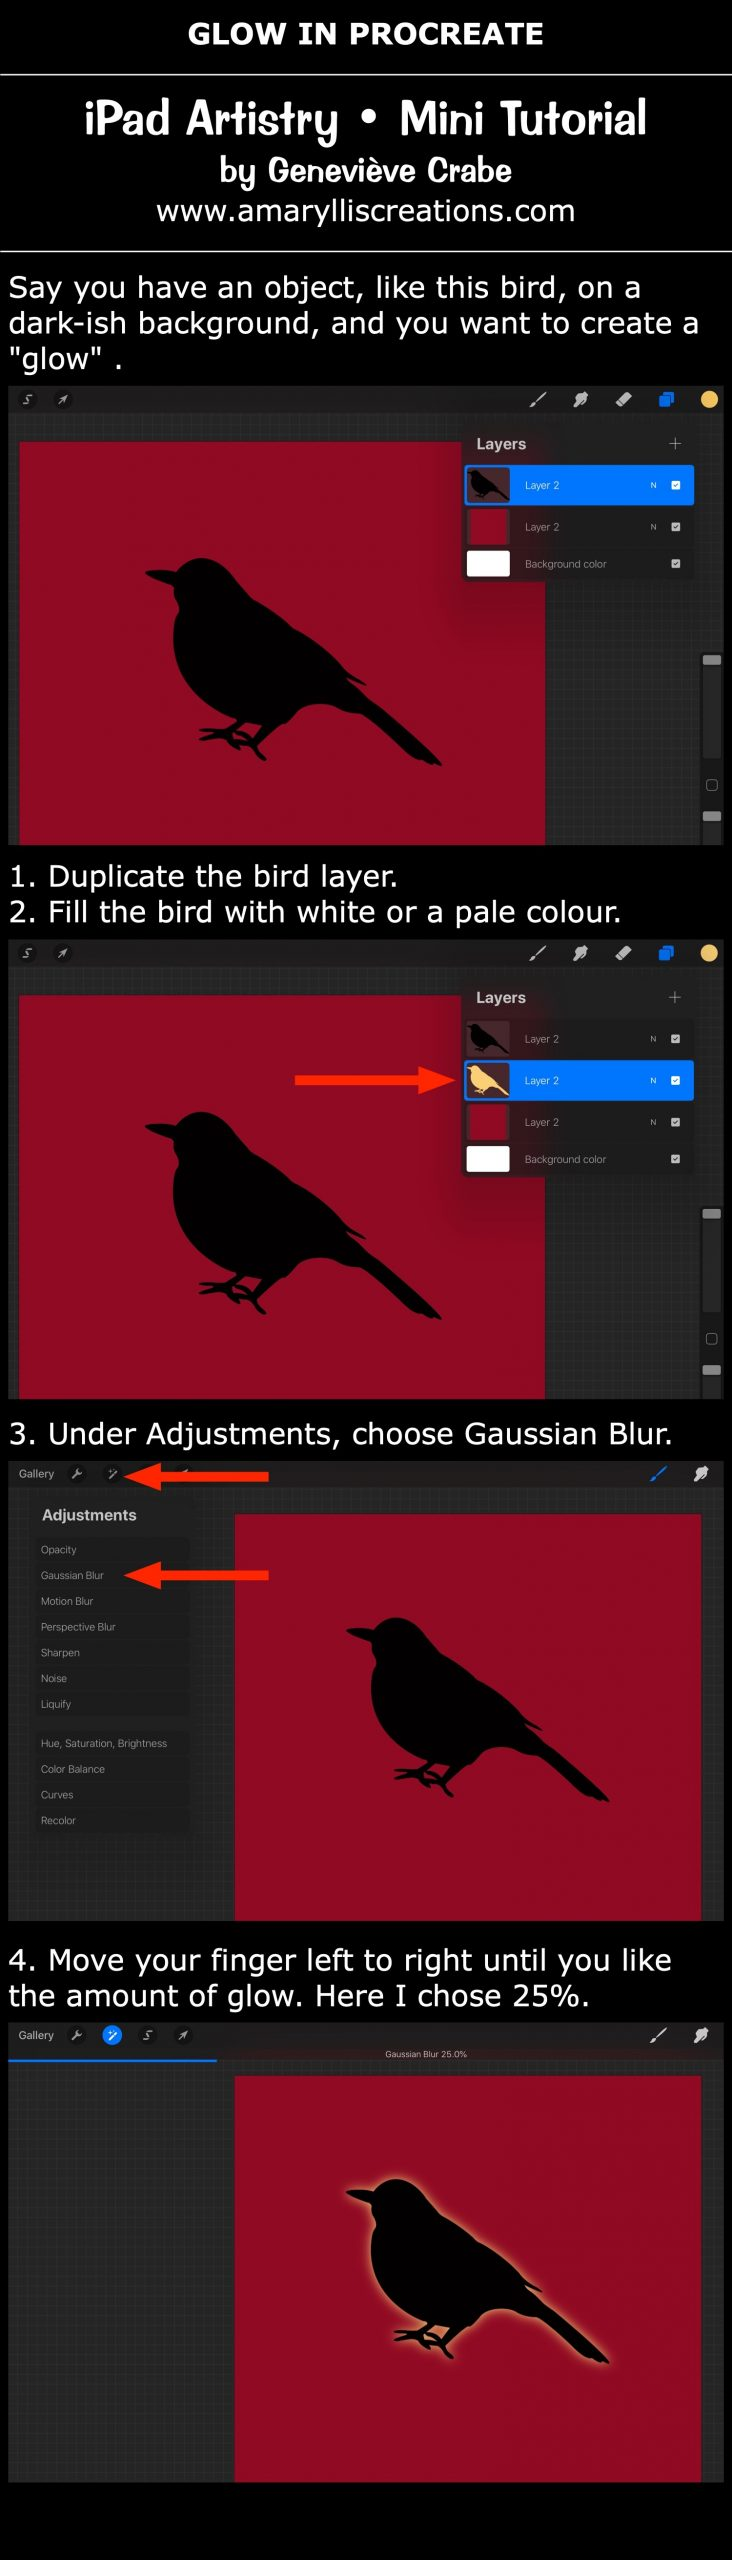 Mini tutorial: Glow in Procreate on iPad